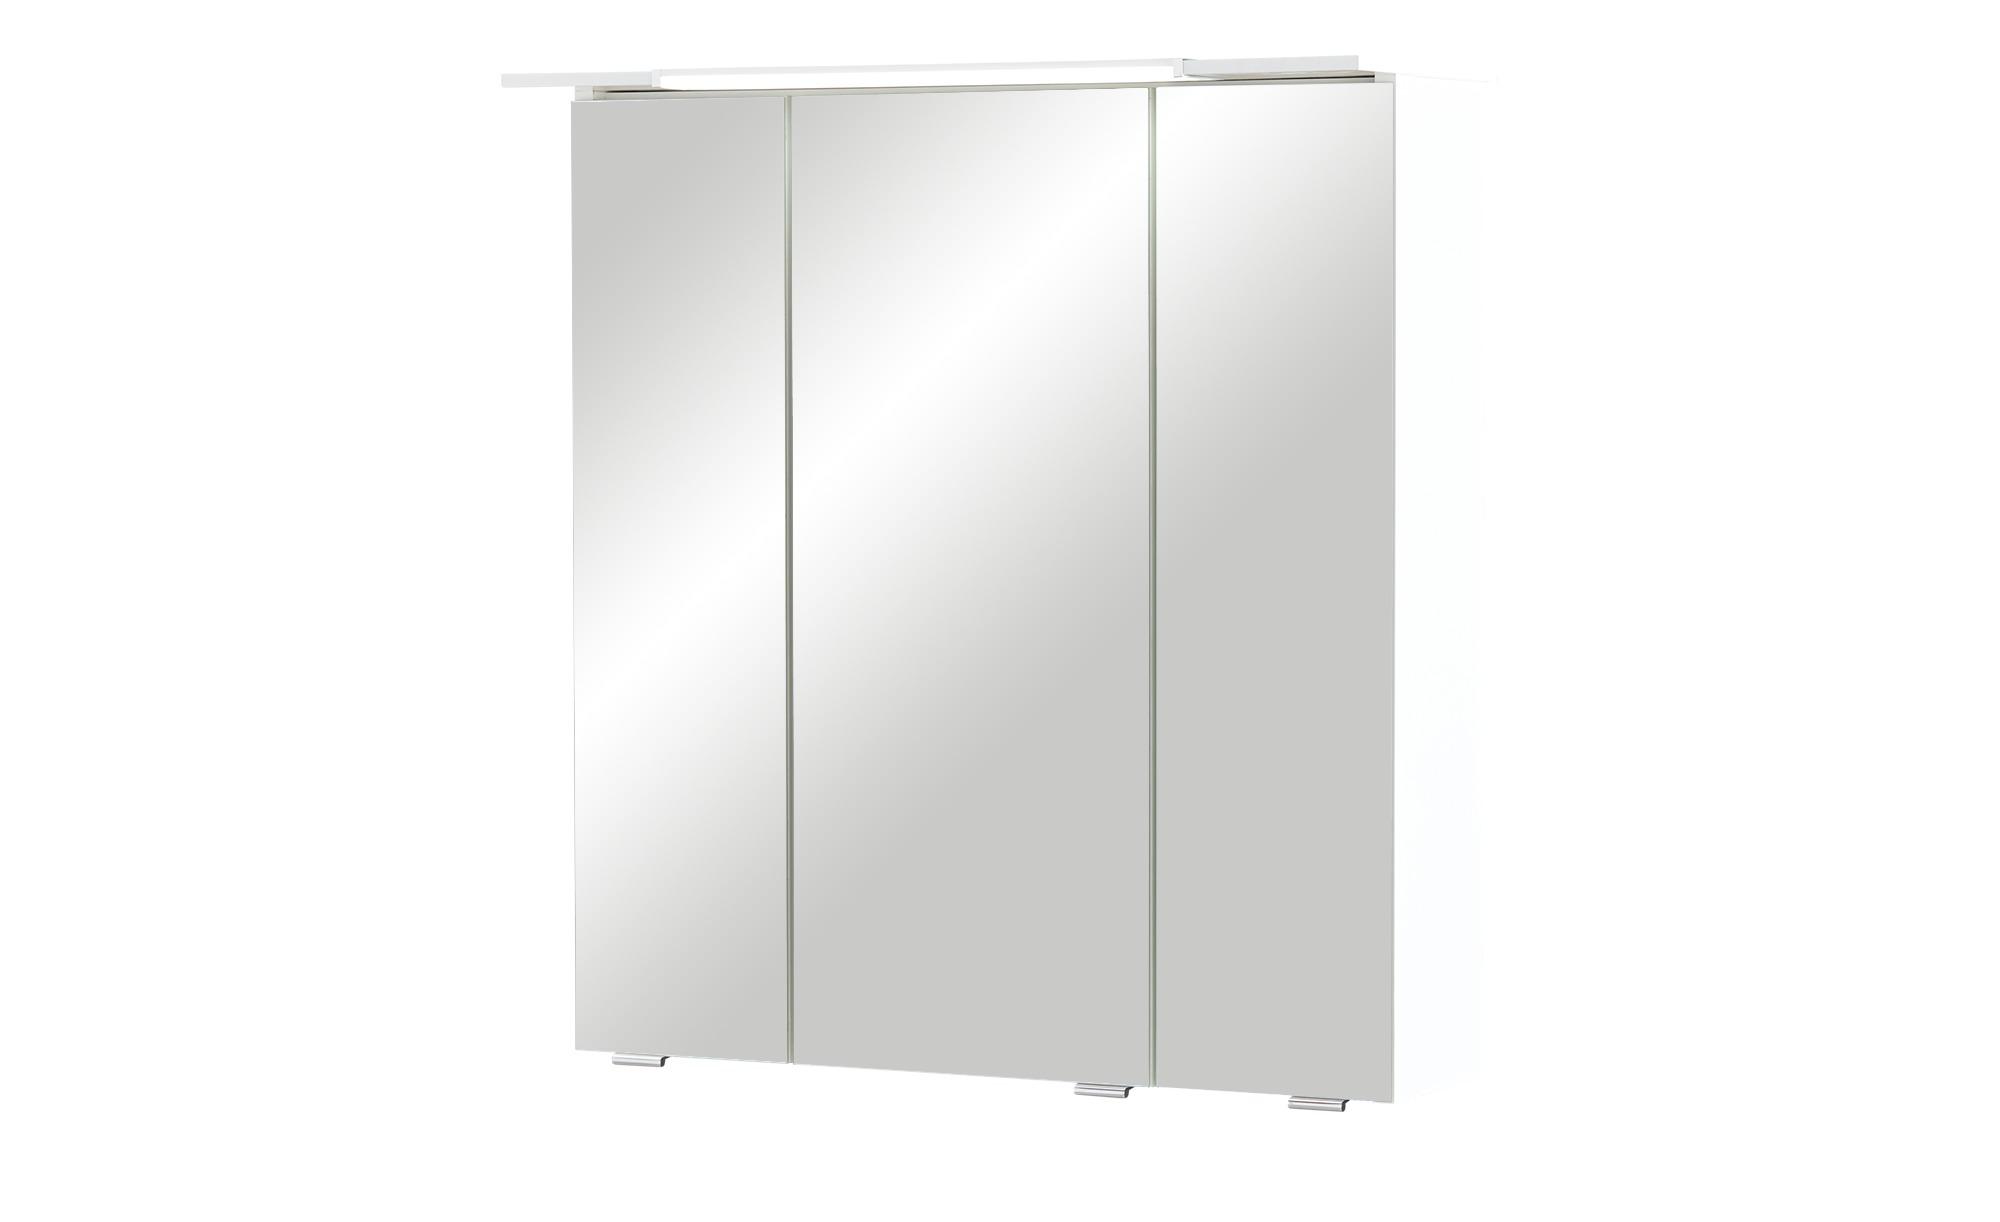 smart Bad-Spiegelschrank - weiß - 65 cm - 70 cm - 16 cm - Schränke > Badschränke > Spiegelschränke - Möbel Kraft   Bad > Spiegel fürs Bad > Badspiegel   smart